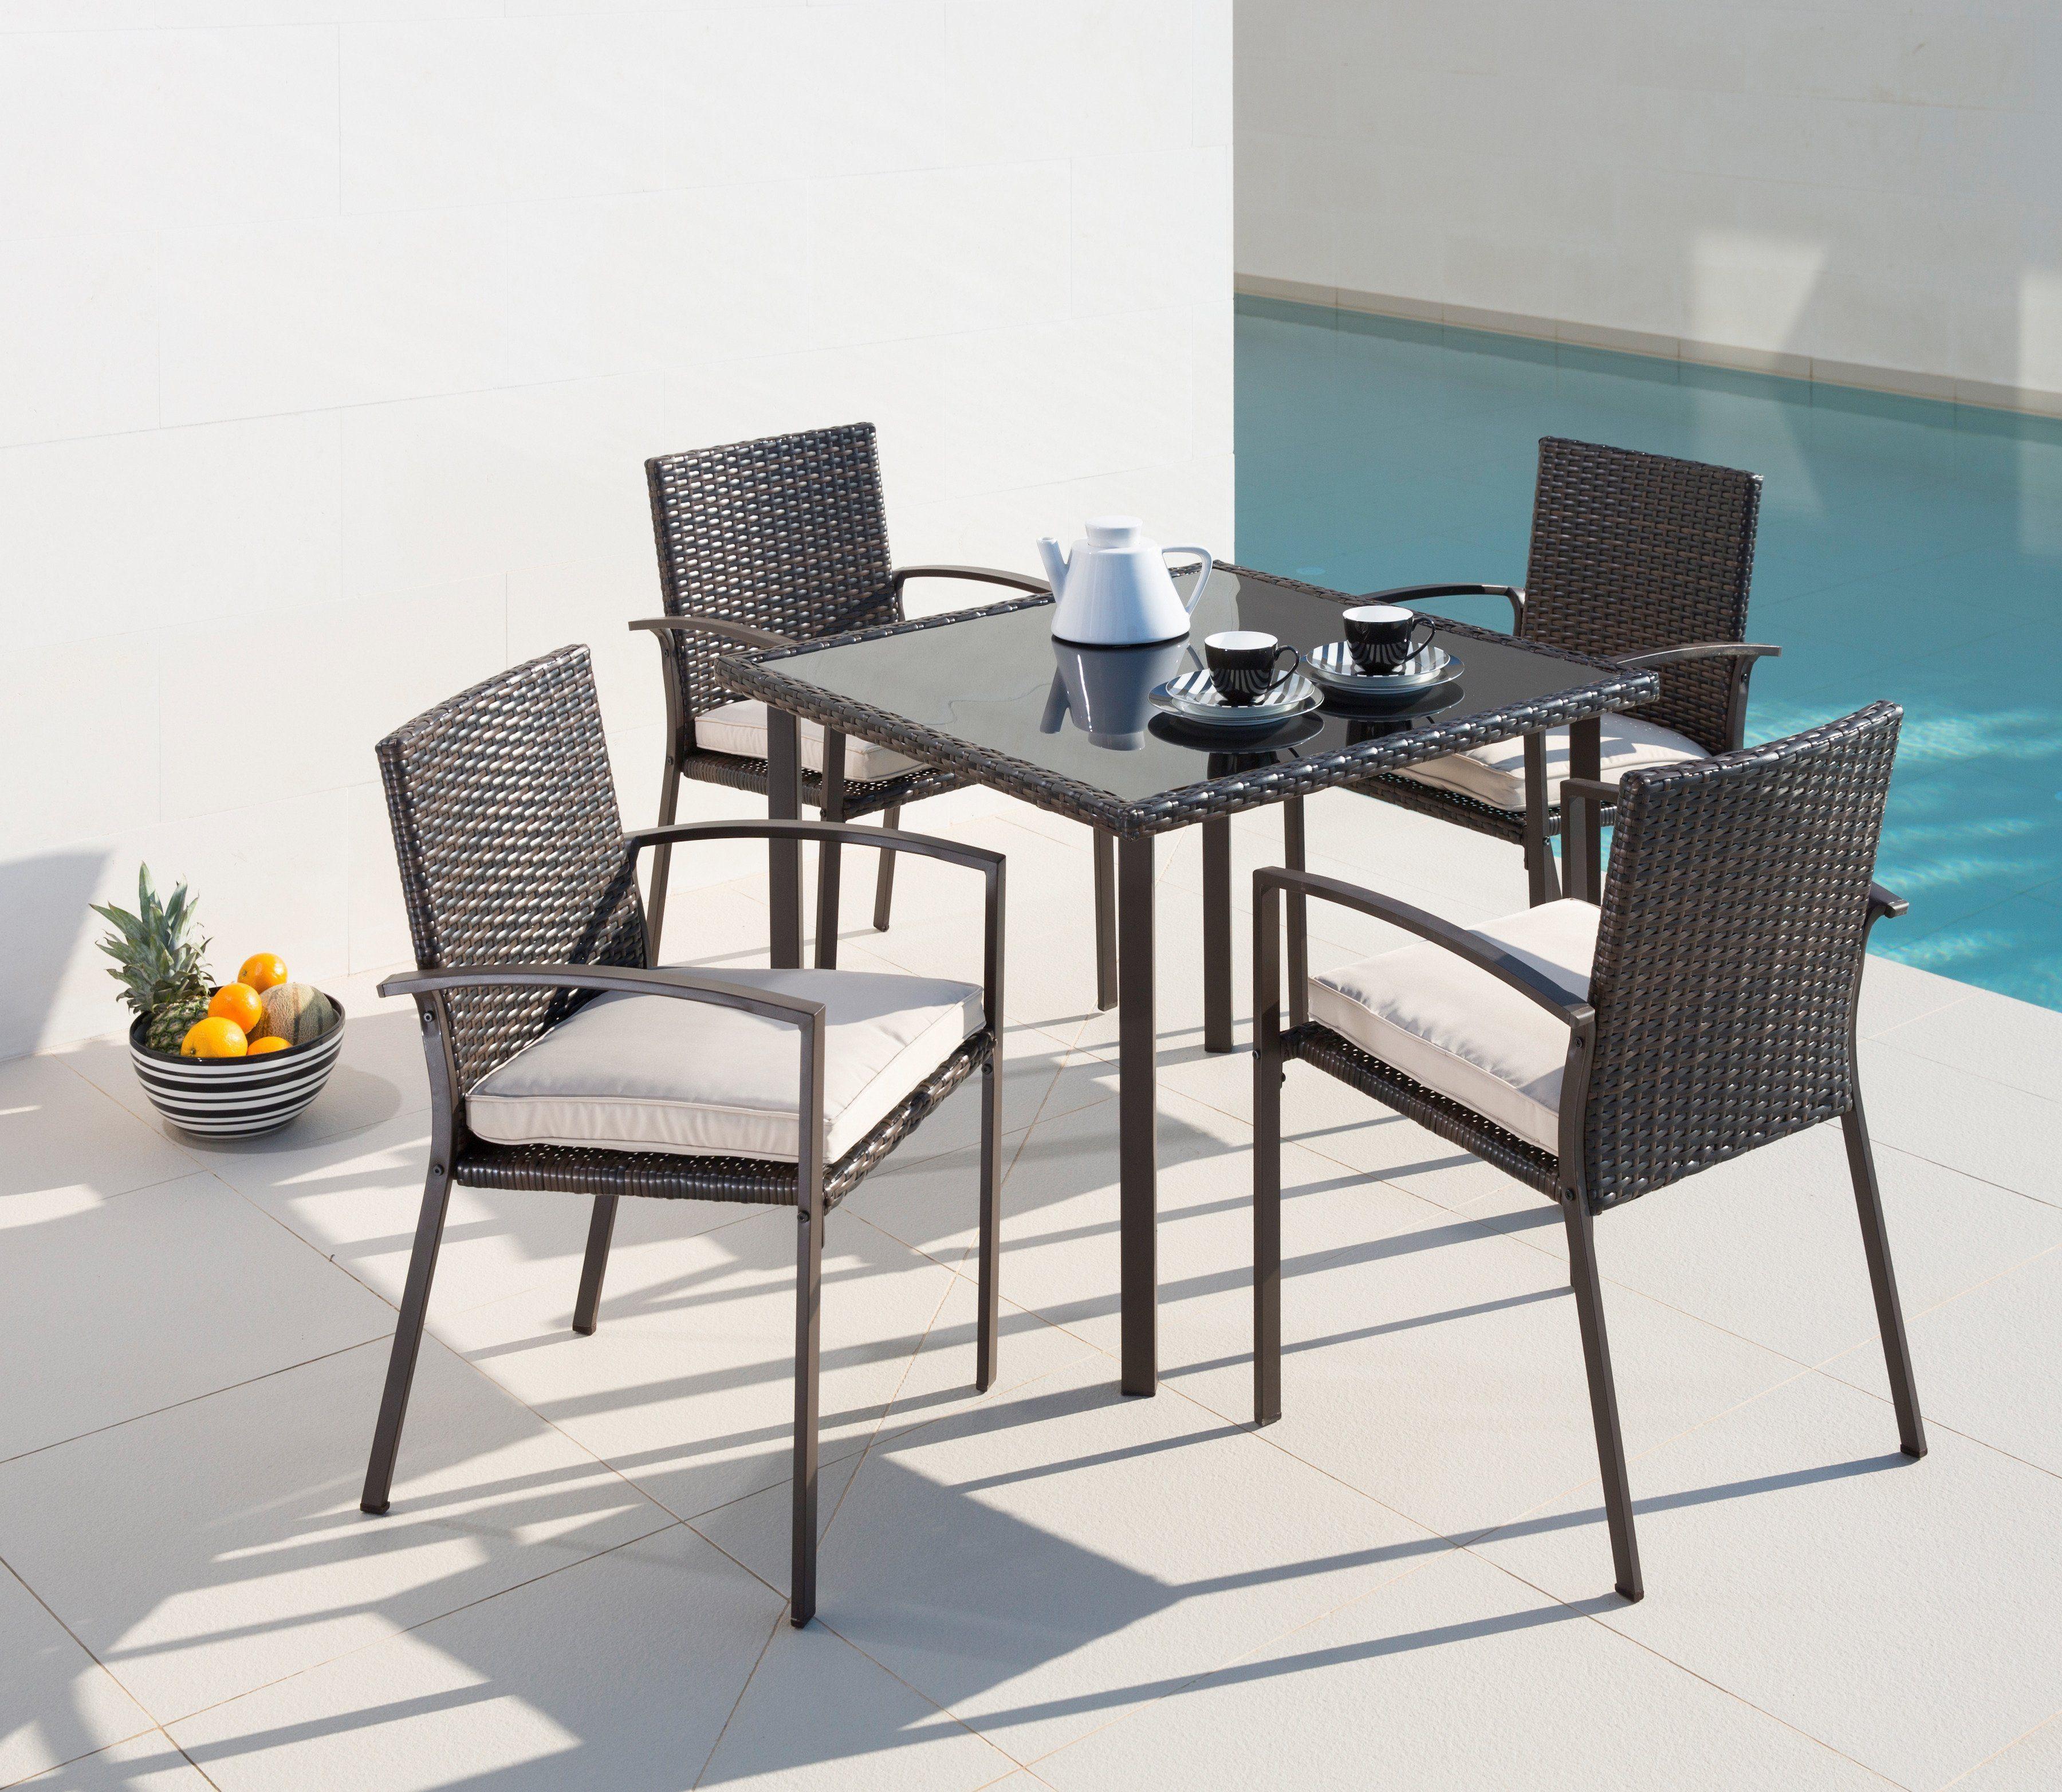 9-tgl. Gartenmöbelset »Victoria«, 4 Sessel, Tisch 90x90 cm, Polyrattan, braun